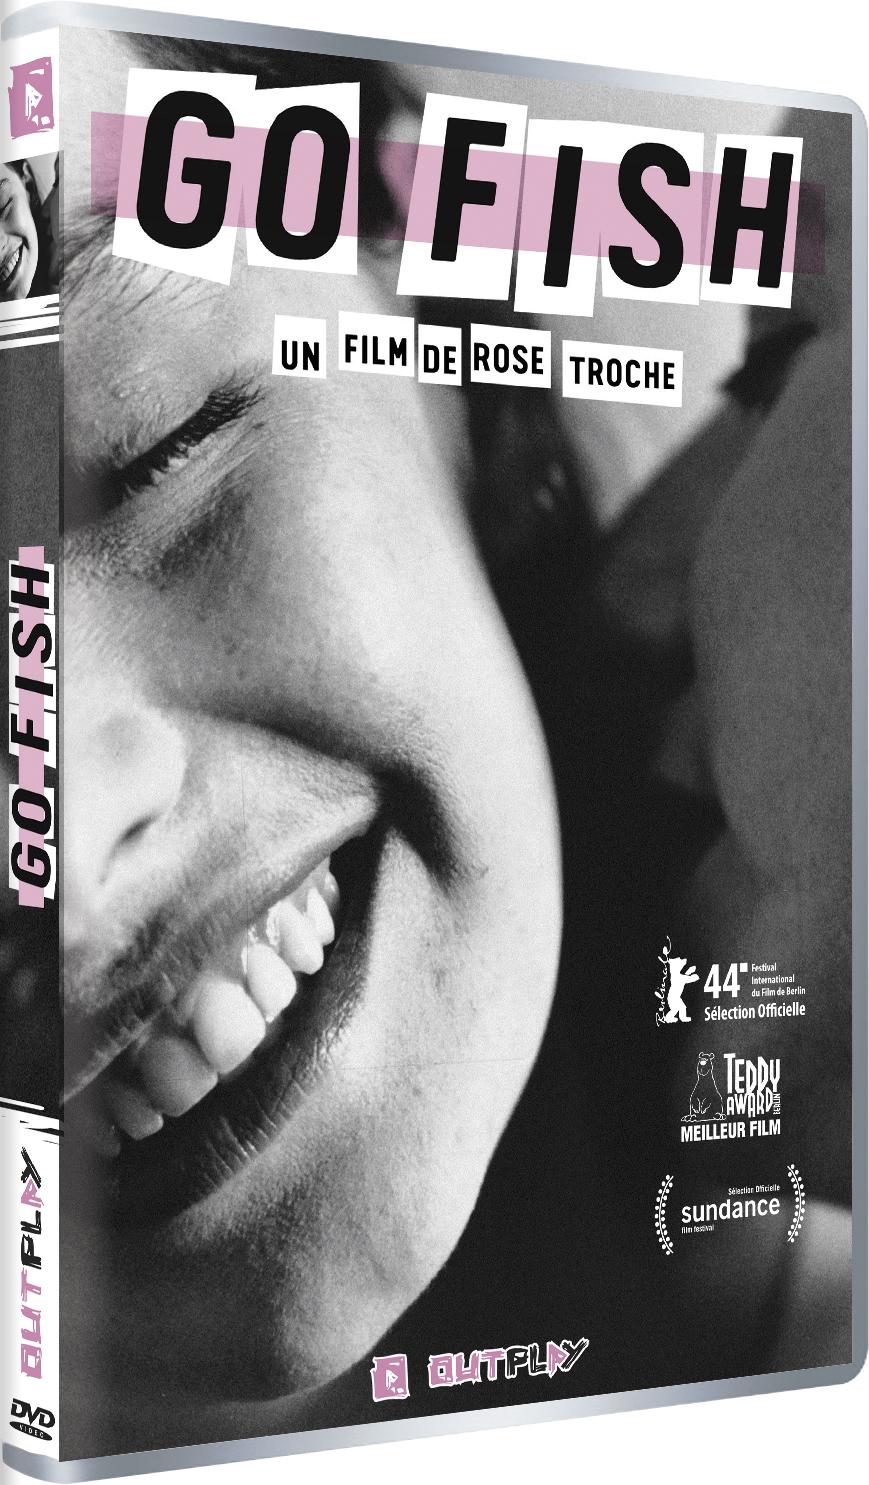 Go Fish dvd - Rose Troche